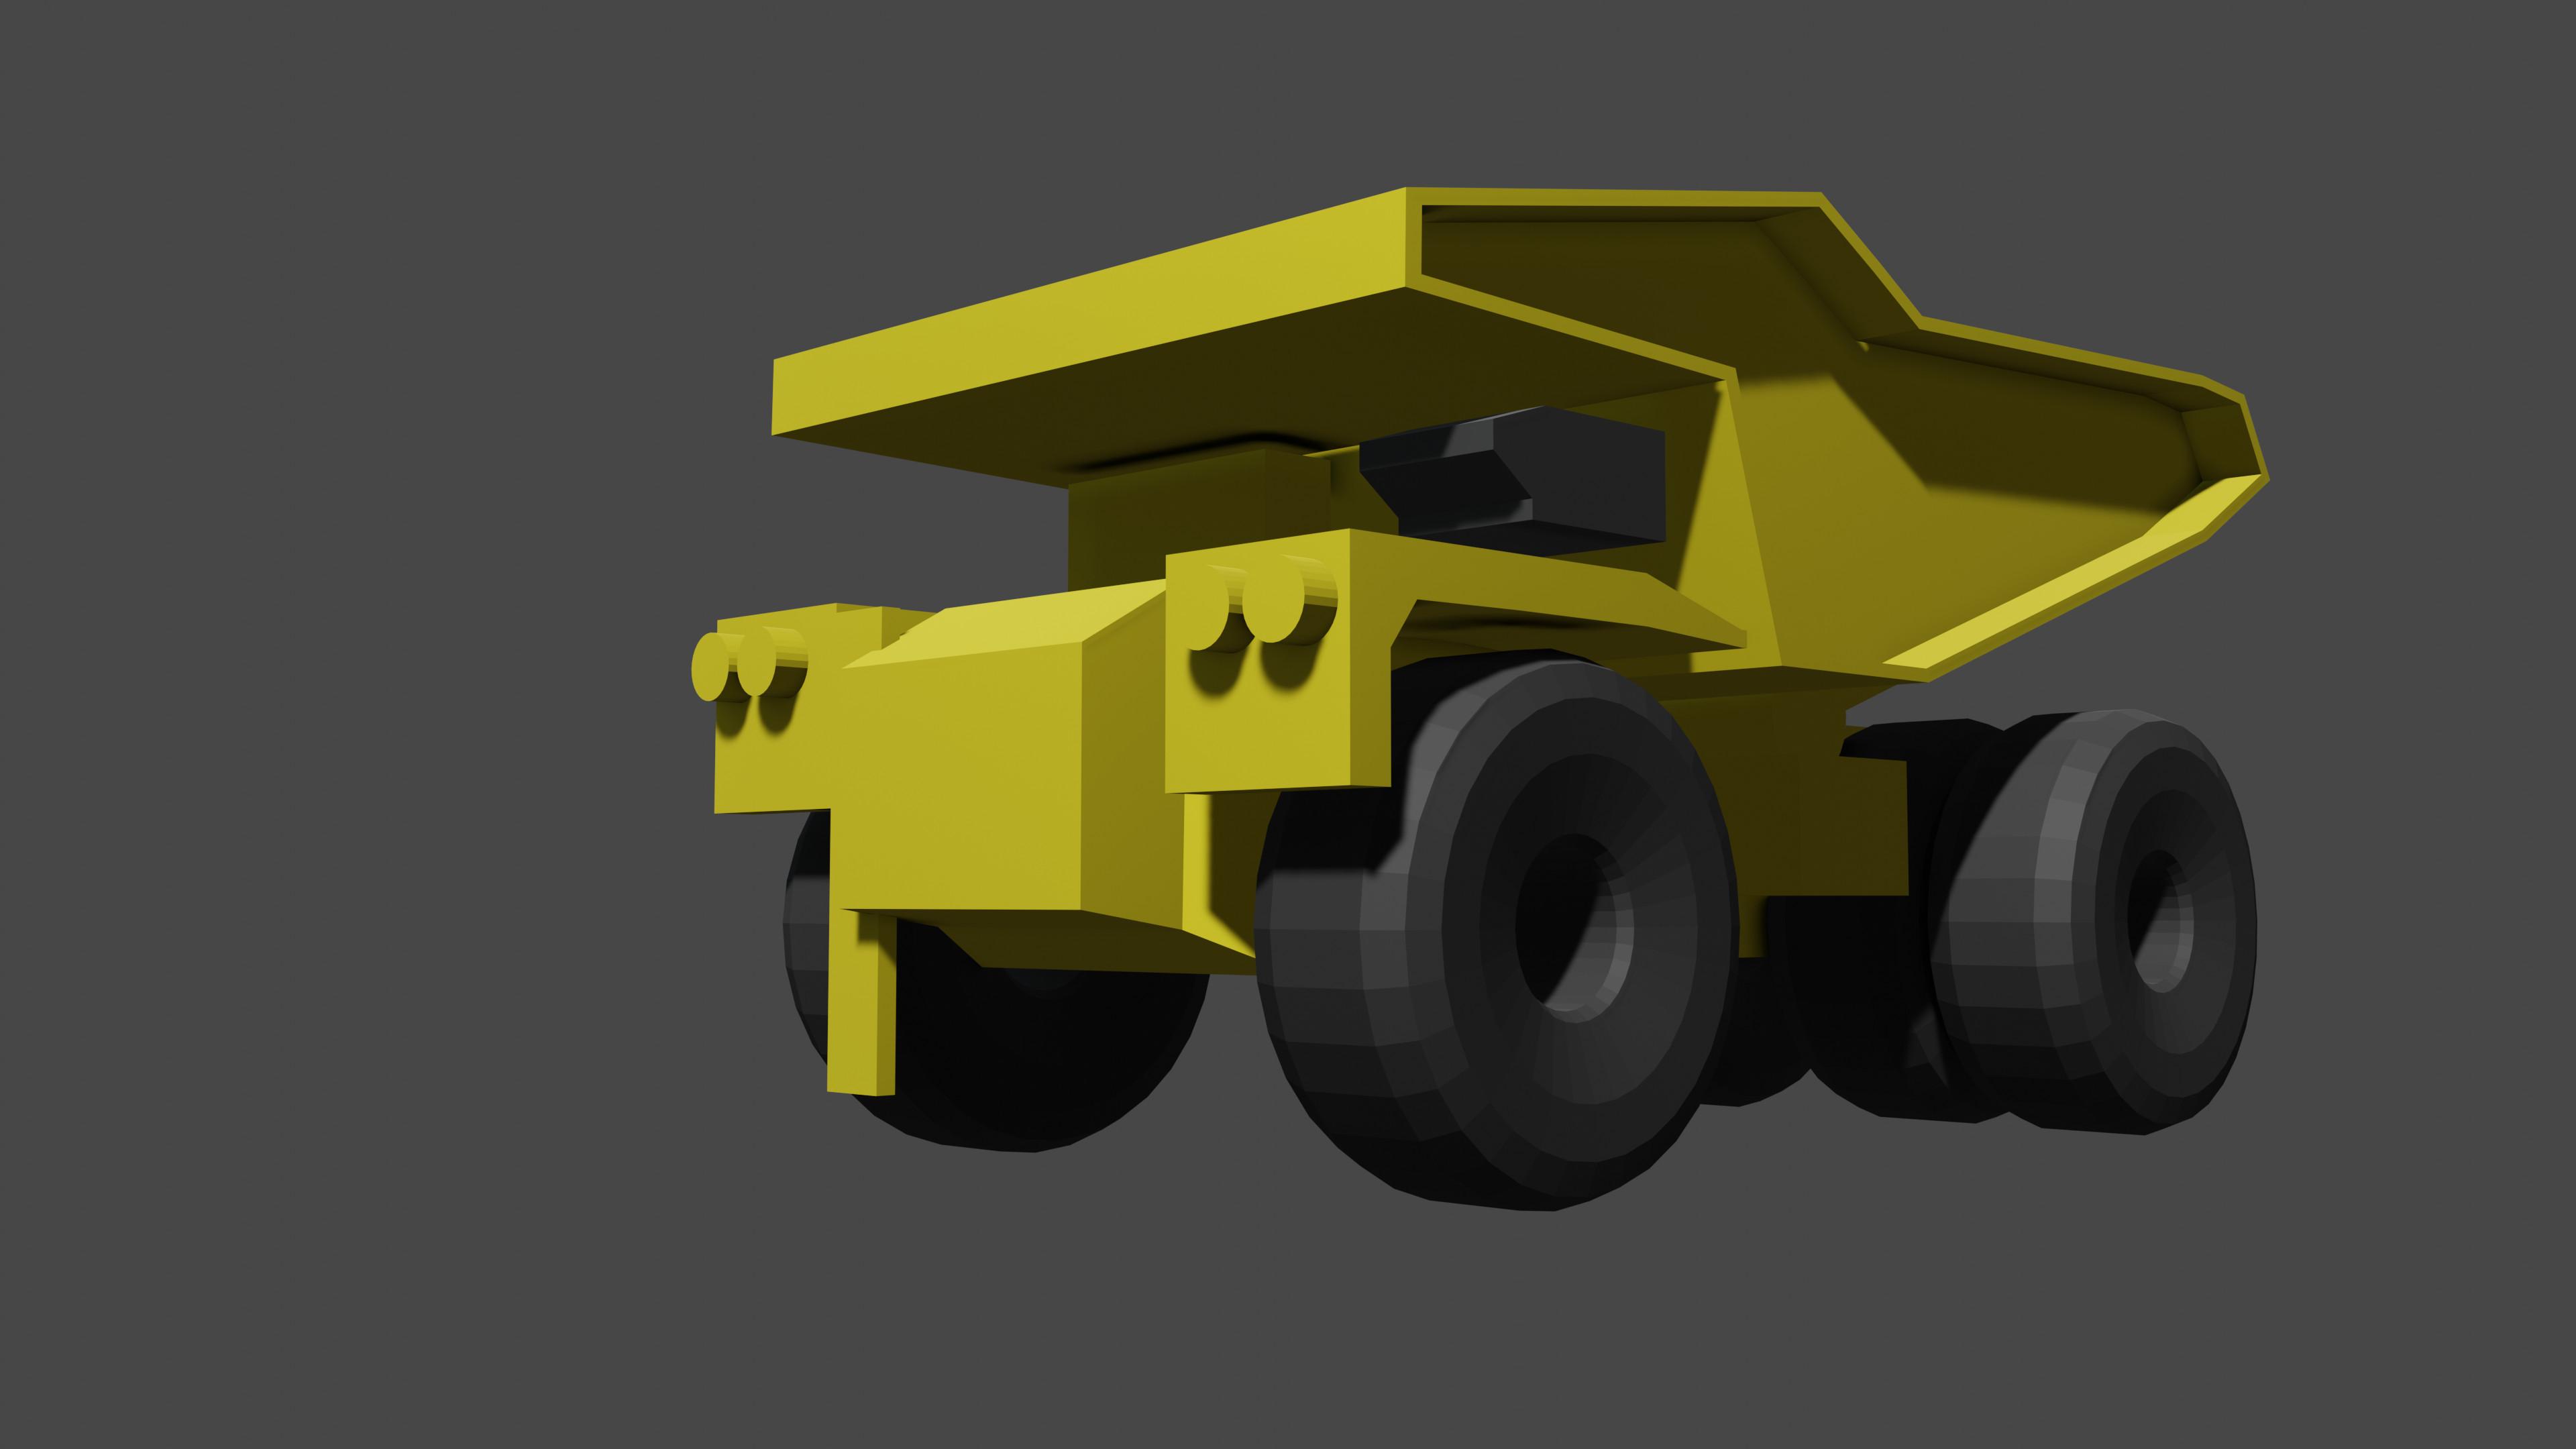 Base 3D render